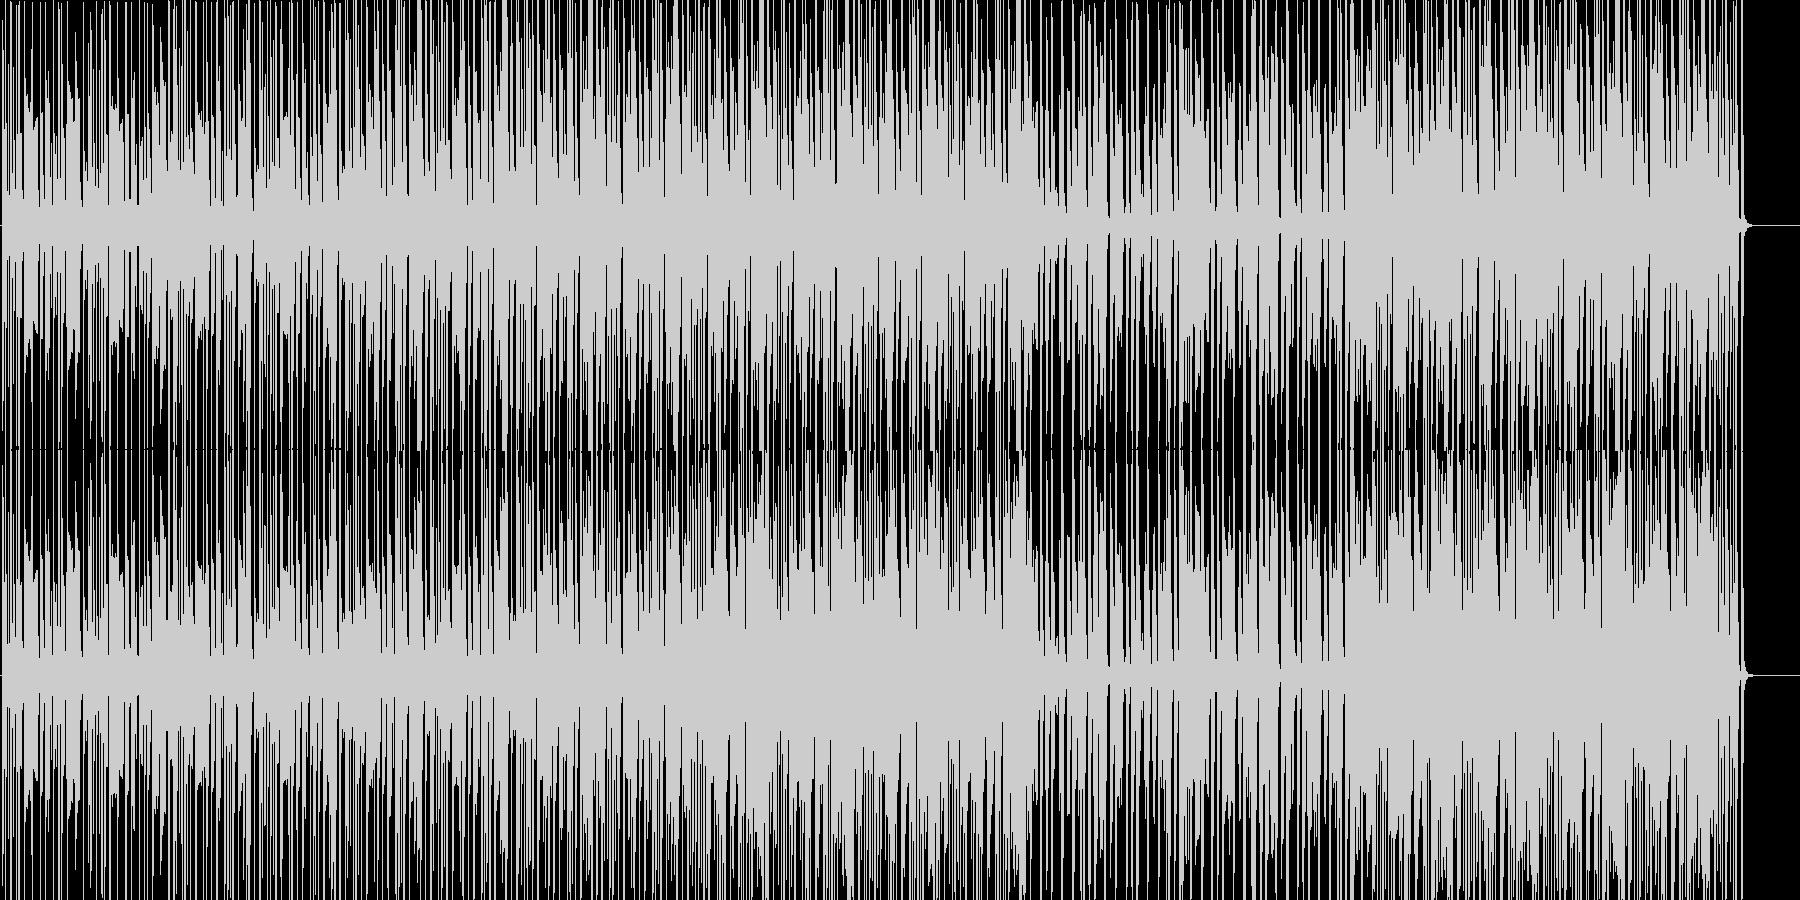 軽快なファンクの未再生の波形